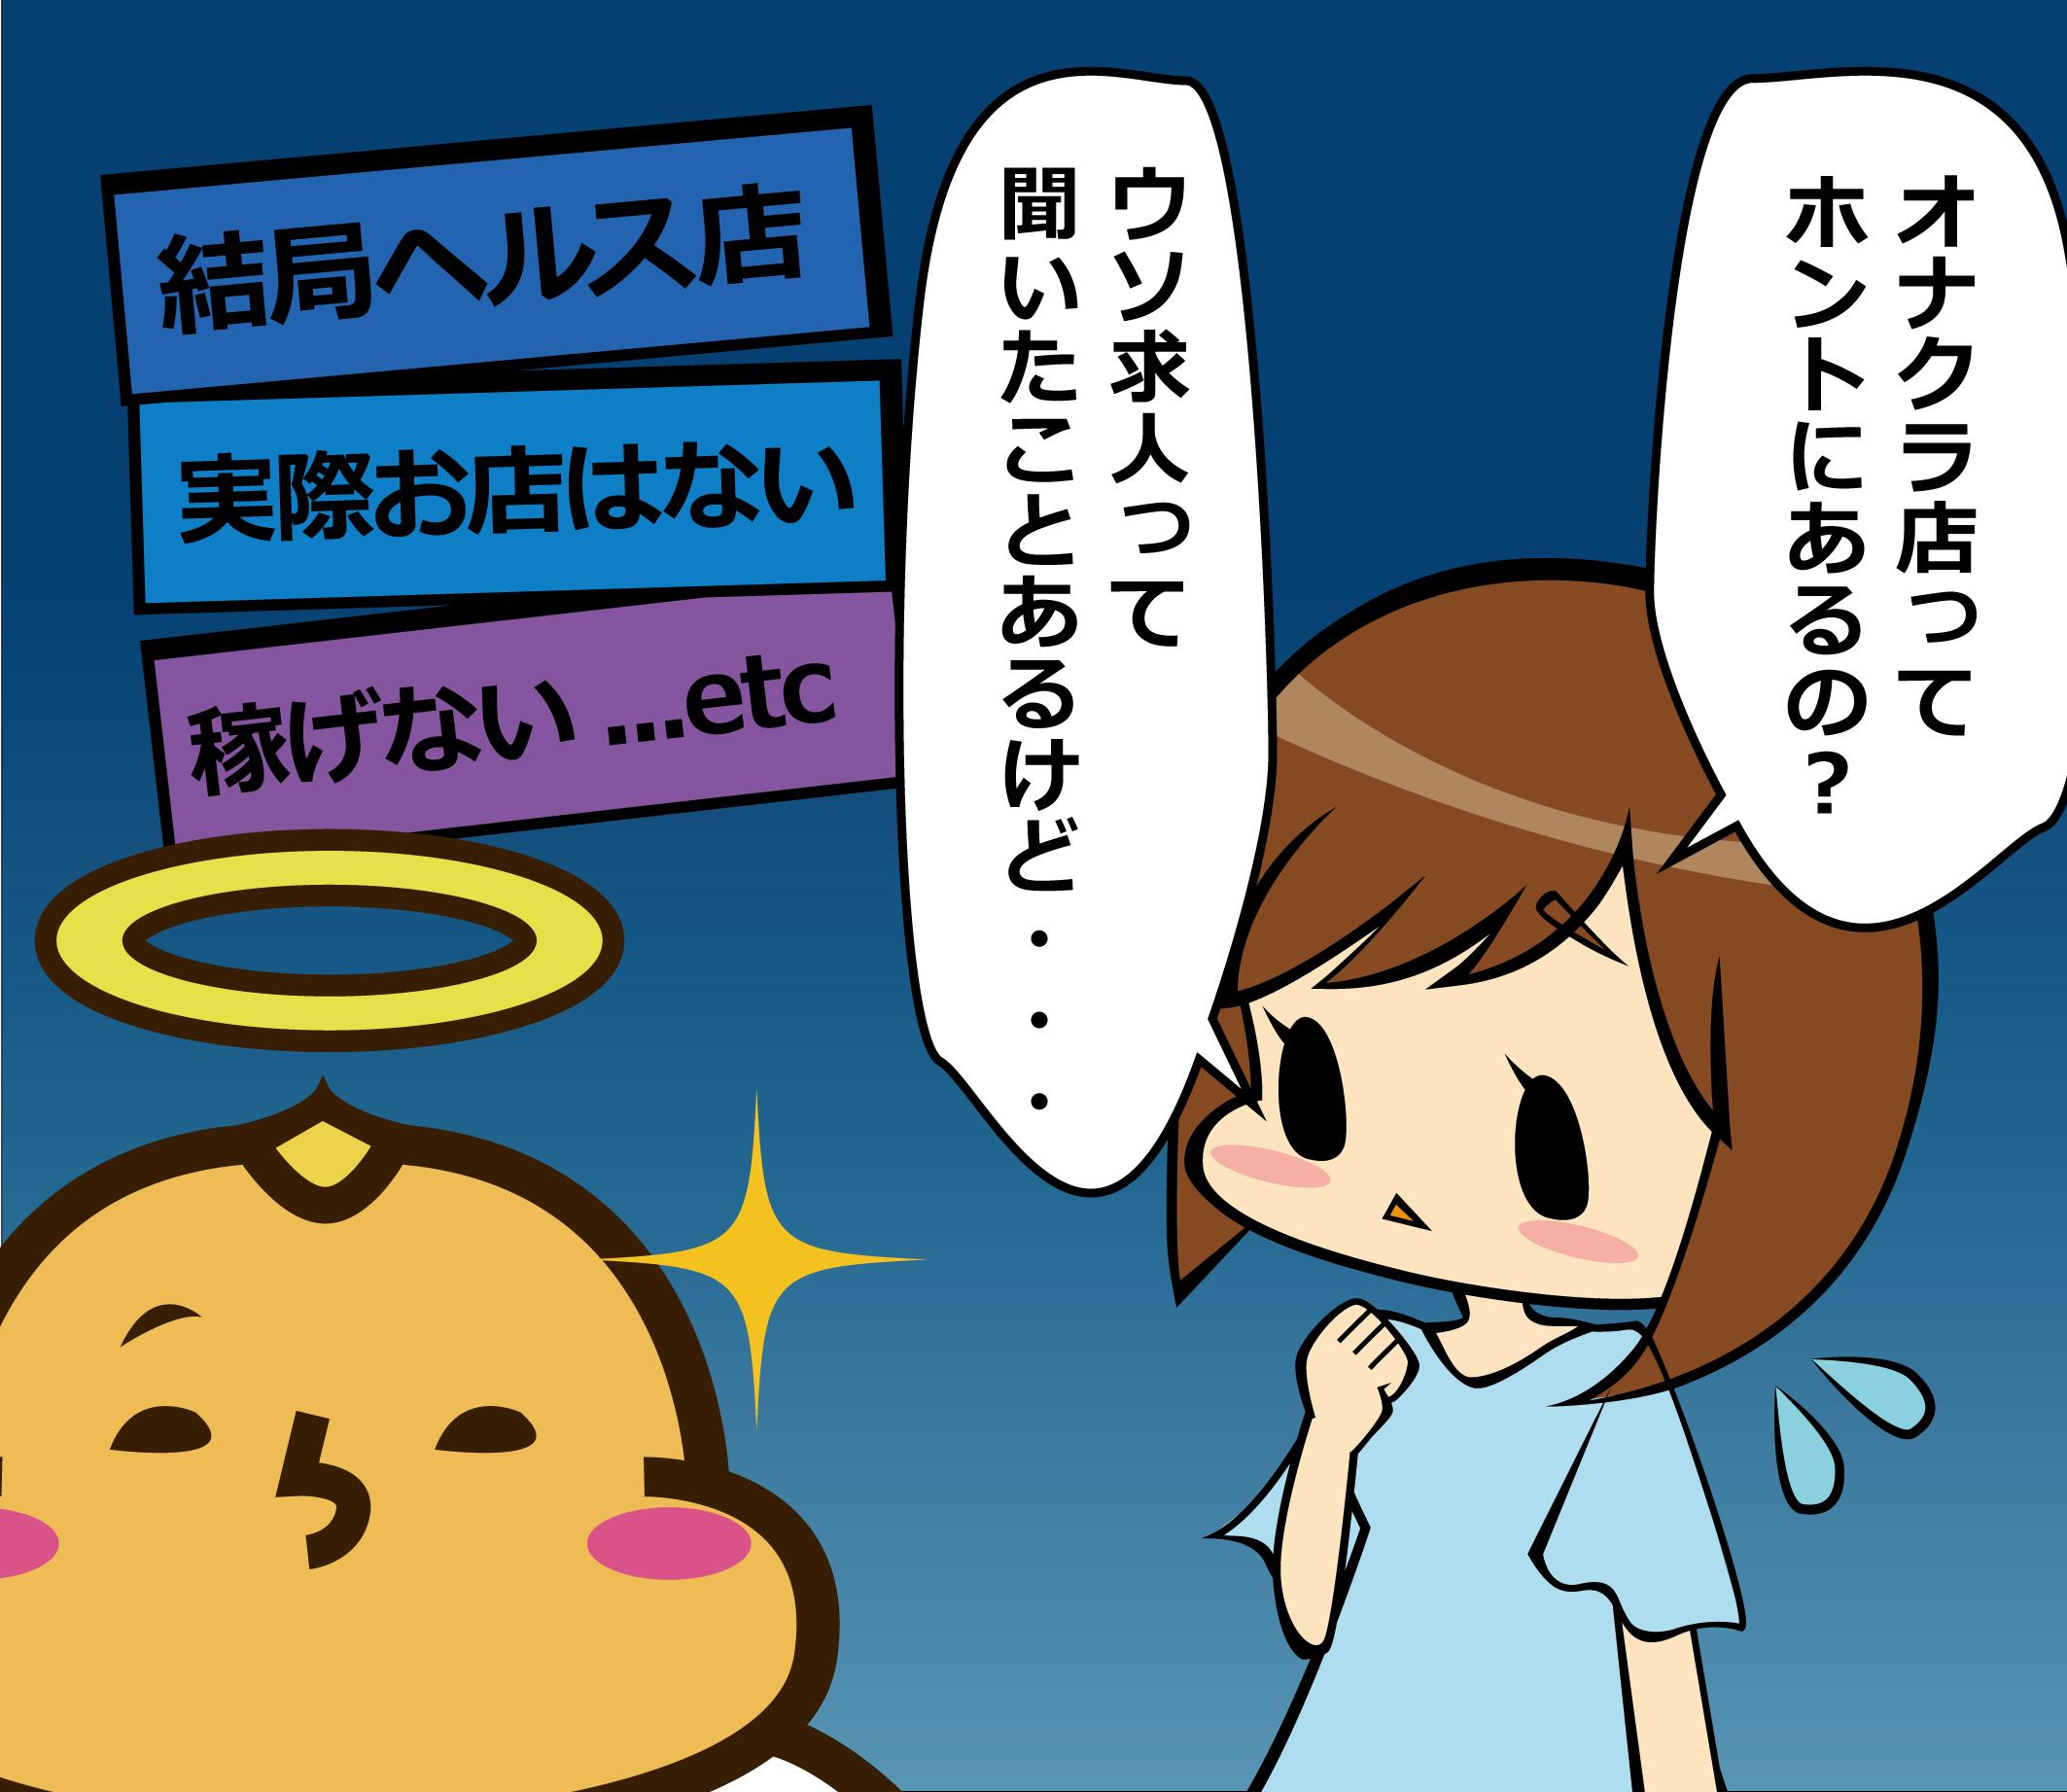 テコちゃん求人漫画3